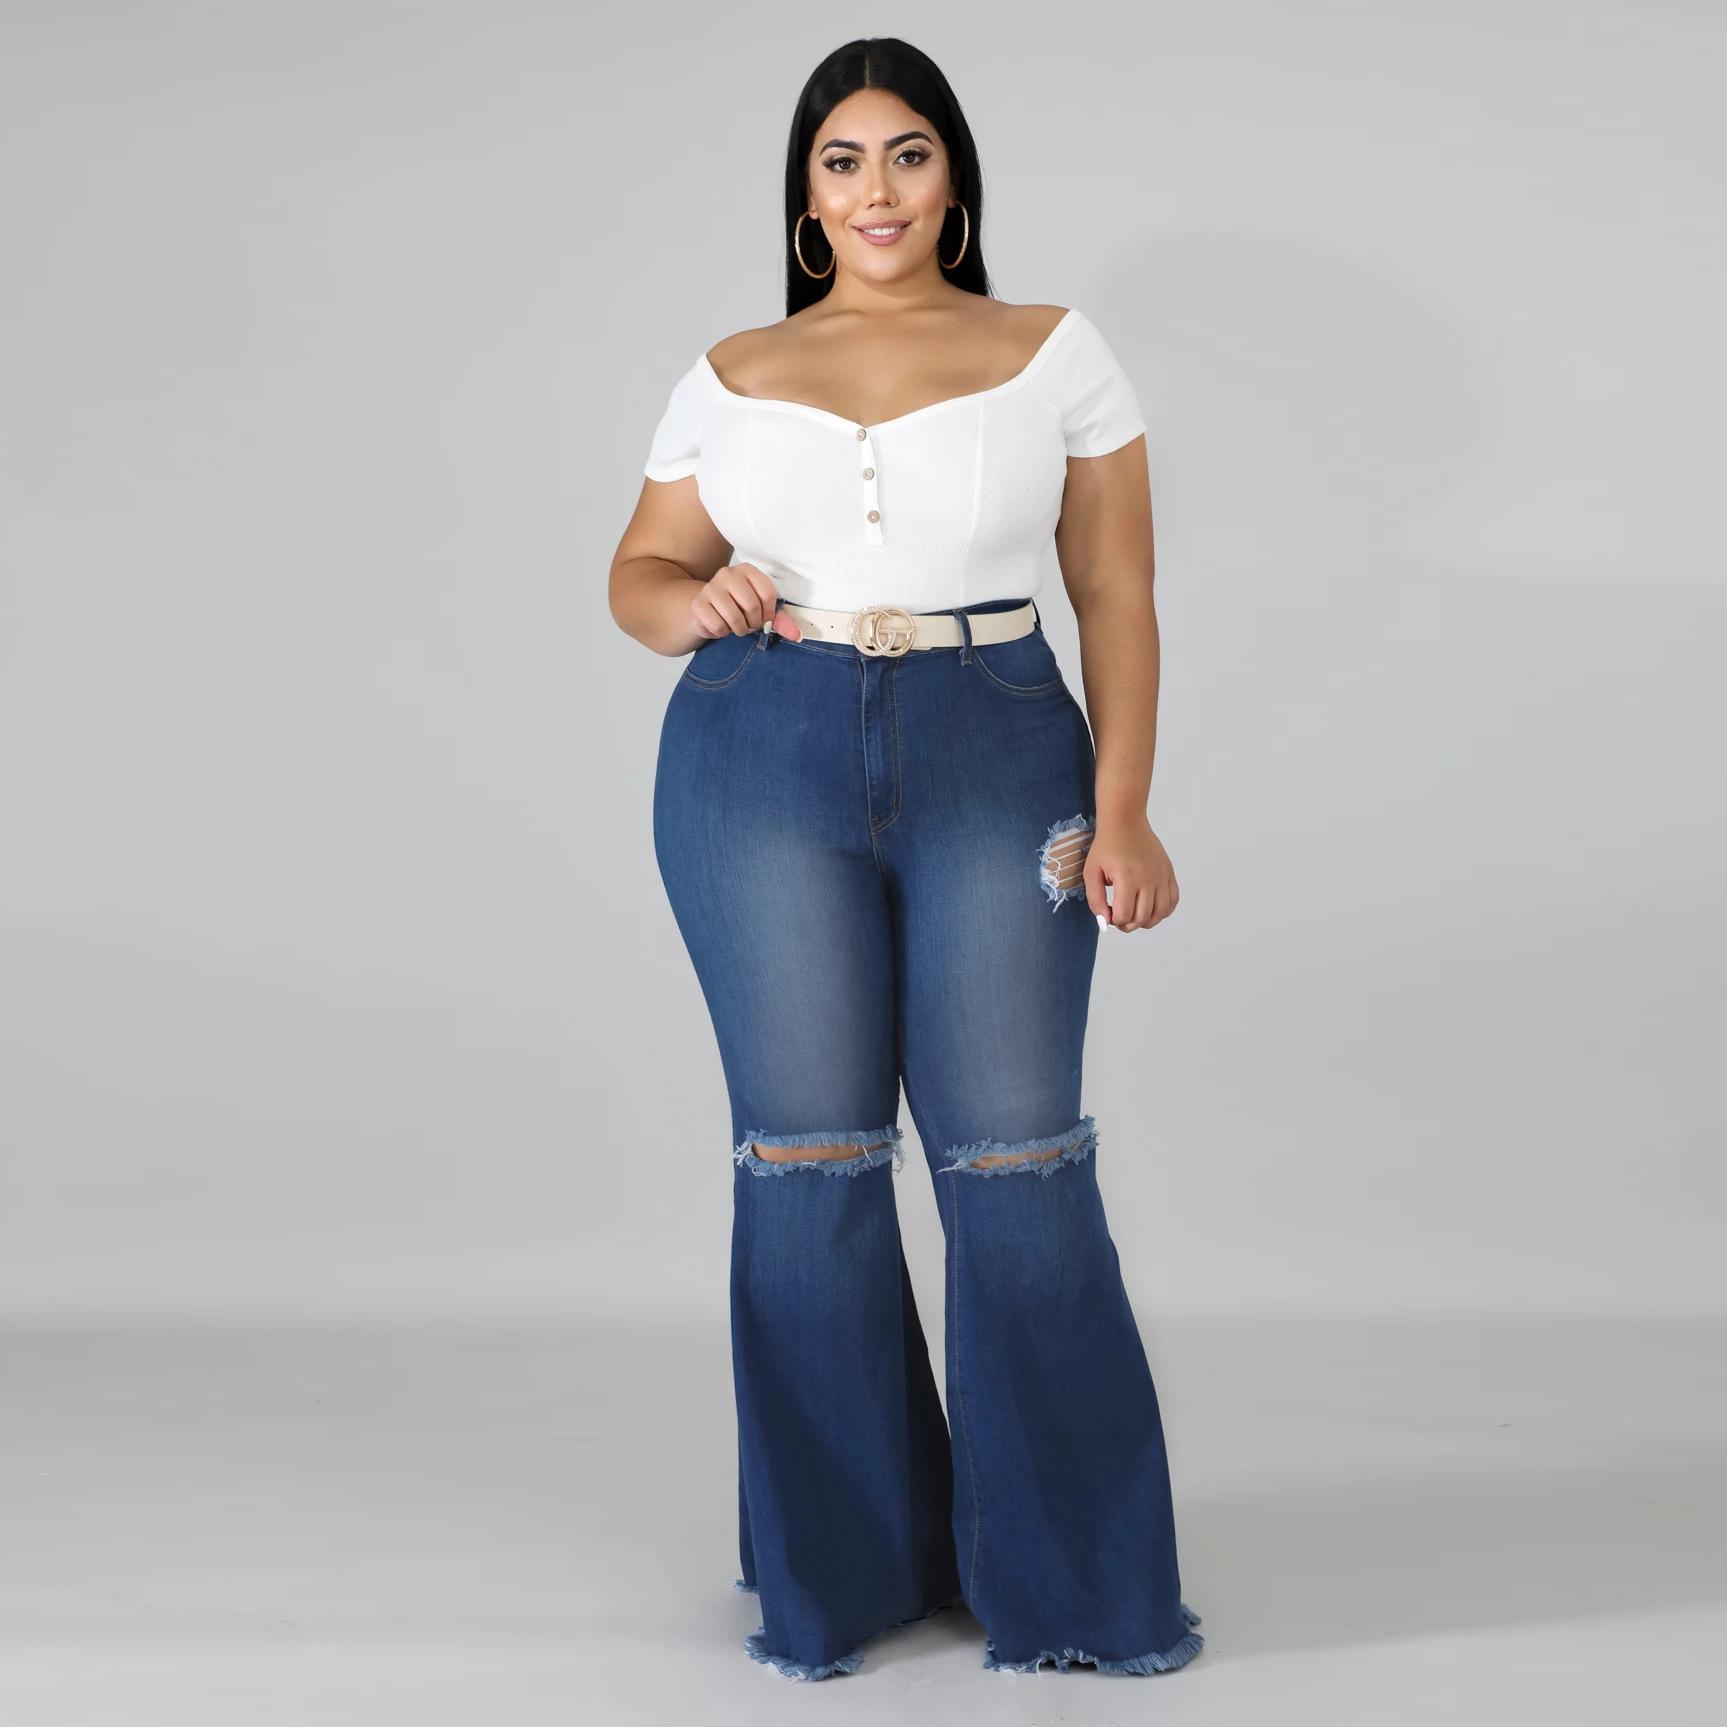 Oferta De Tiempo Limitado Rodilla Solida Agujero Plus Tamano Jeans Mujeres Jean Pantalones Acampanados Buy Las Mujeres Jean Pantalones Acampanados Plus Tamano Campana Inferior Vaqueros Ropa De Mujer Product On Alibaba Com